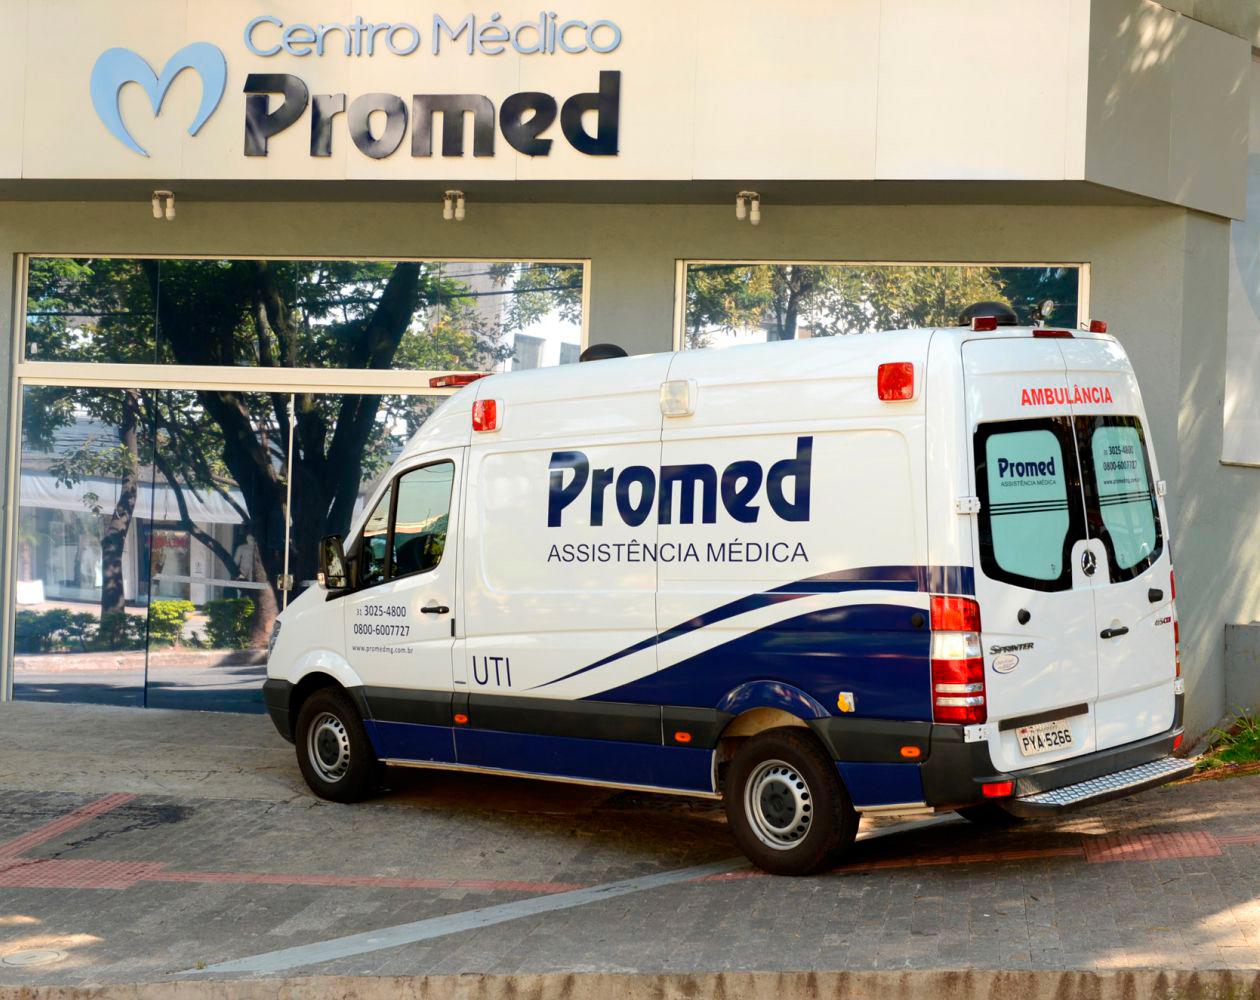 centro-medico-promed-bhmg